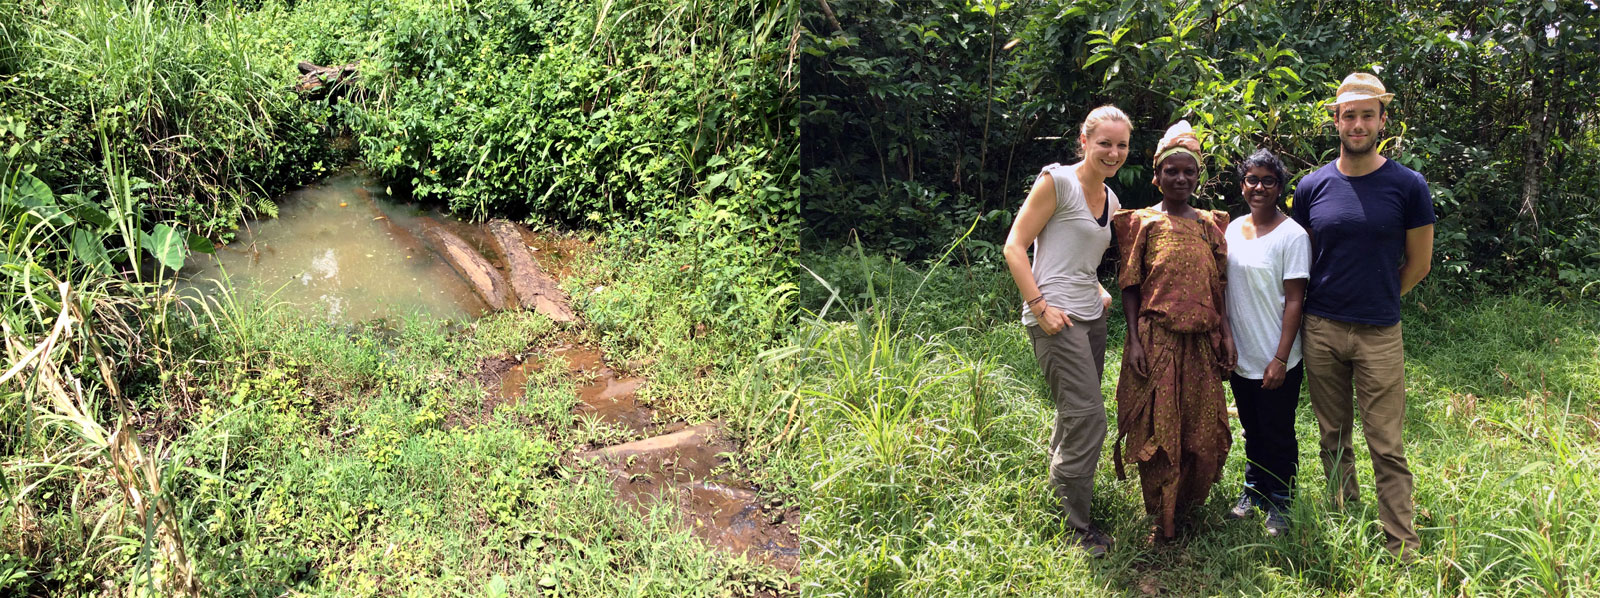 Kyeganywa-blog-projektreise2014